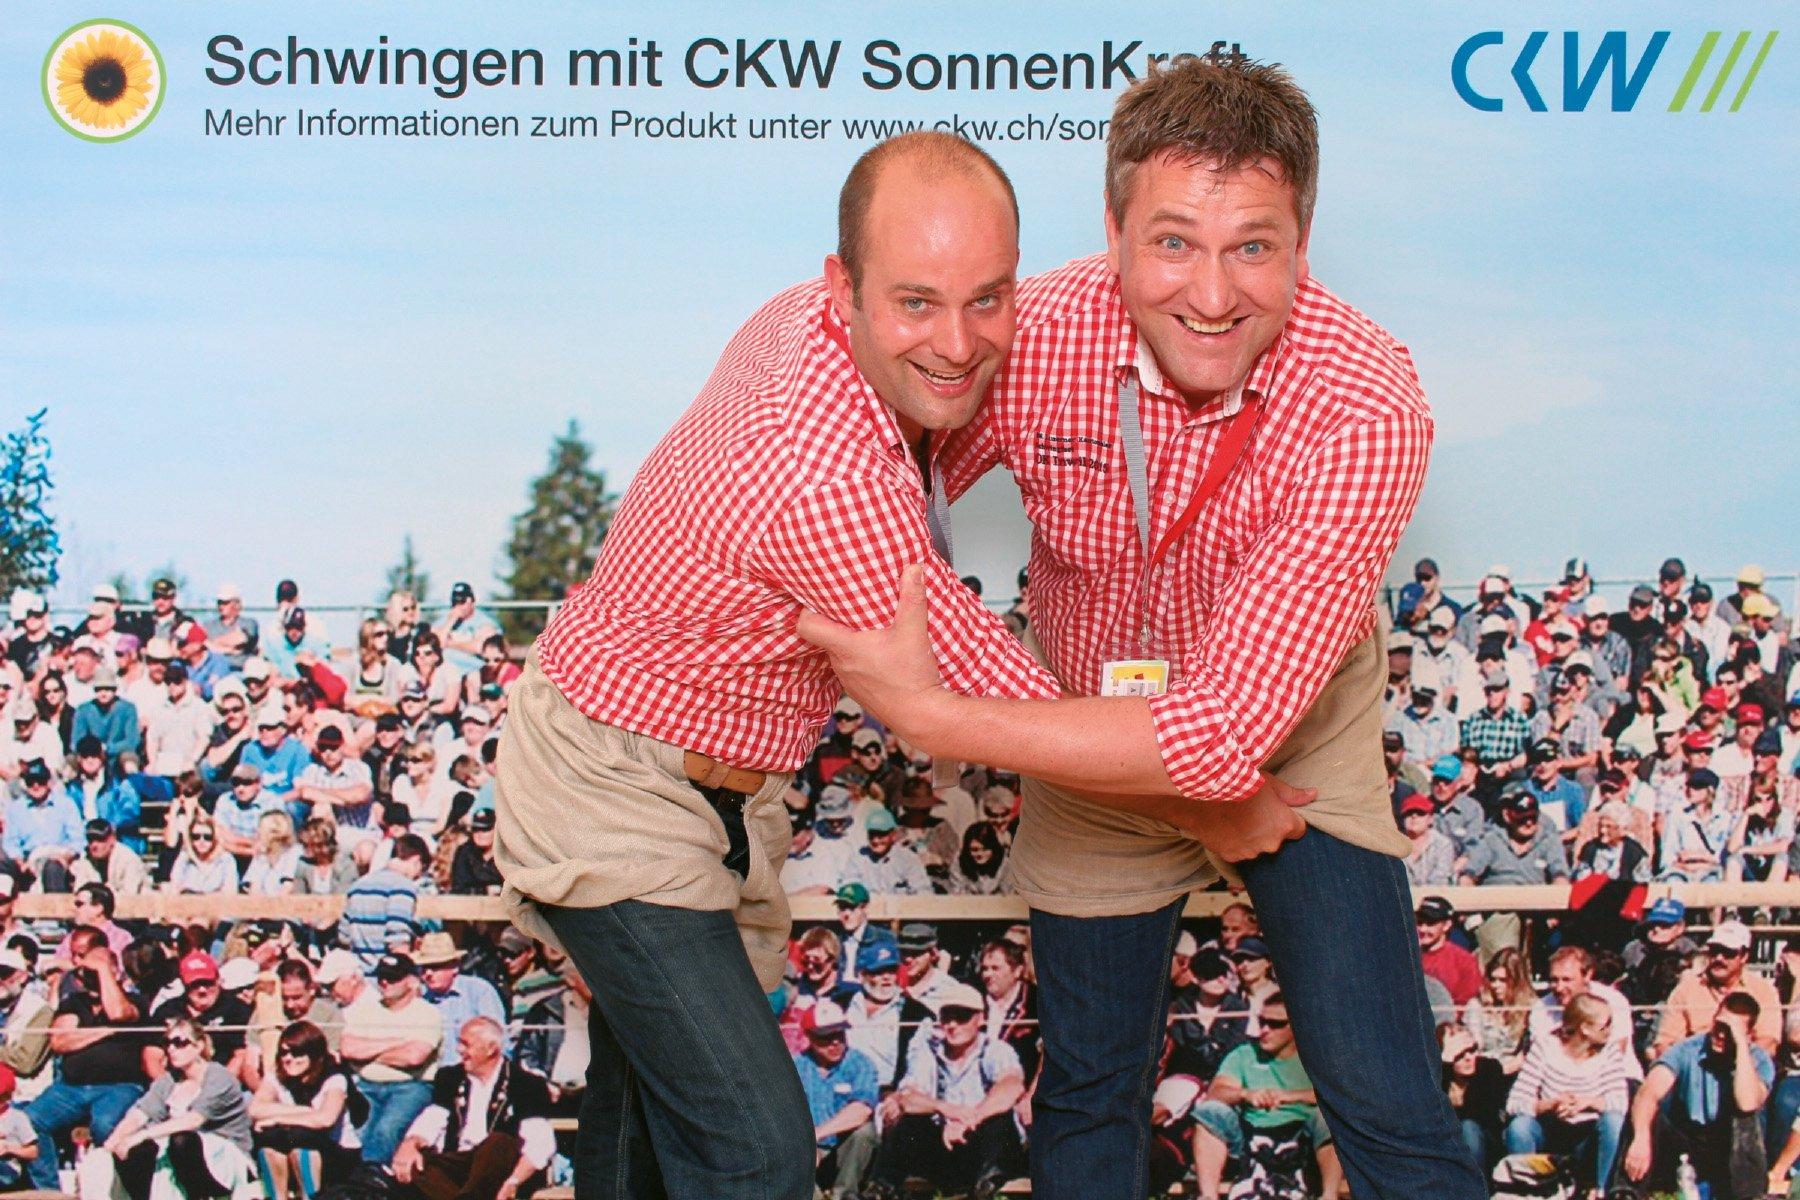 Photo Booth Mobile für die CKW am Schwingfest Inwil